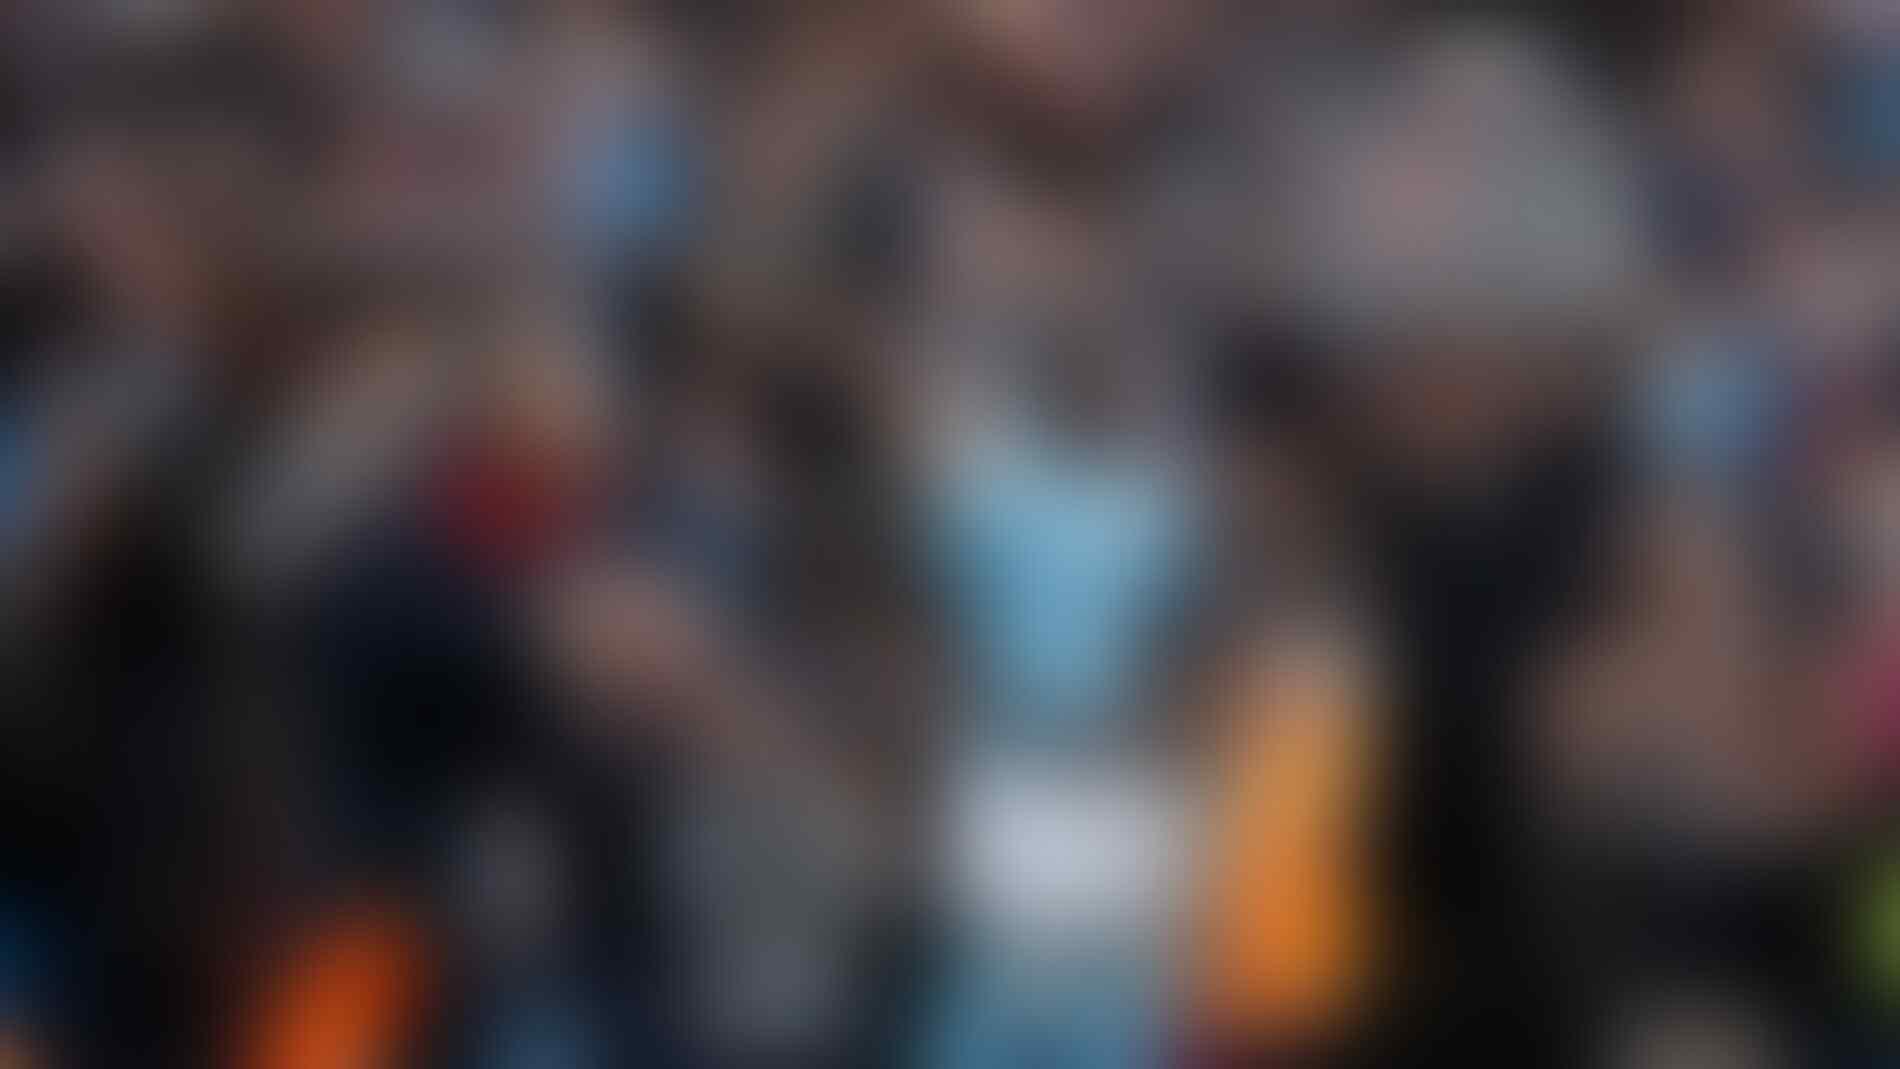 Piala Dunia 2018: Benjamin Mendy Siap Membela Timnas Prancis